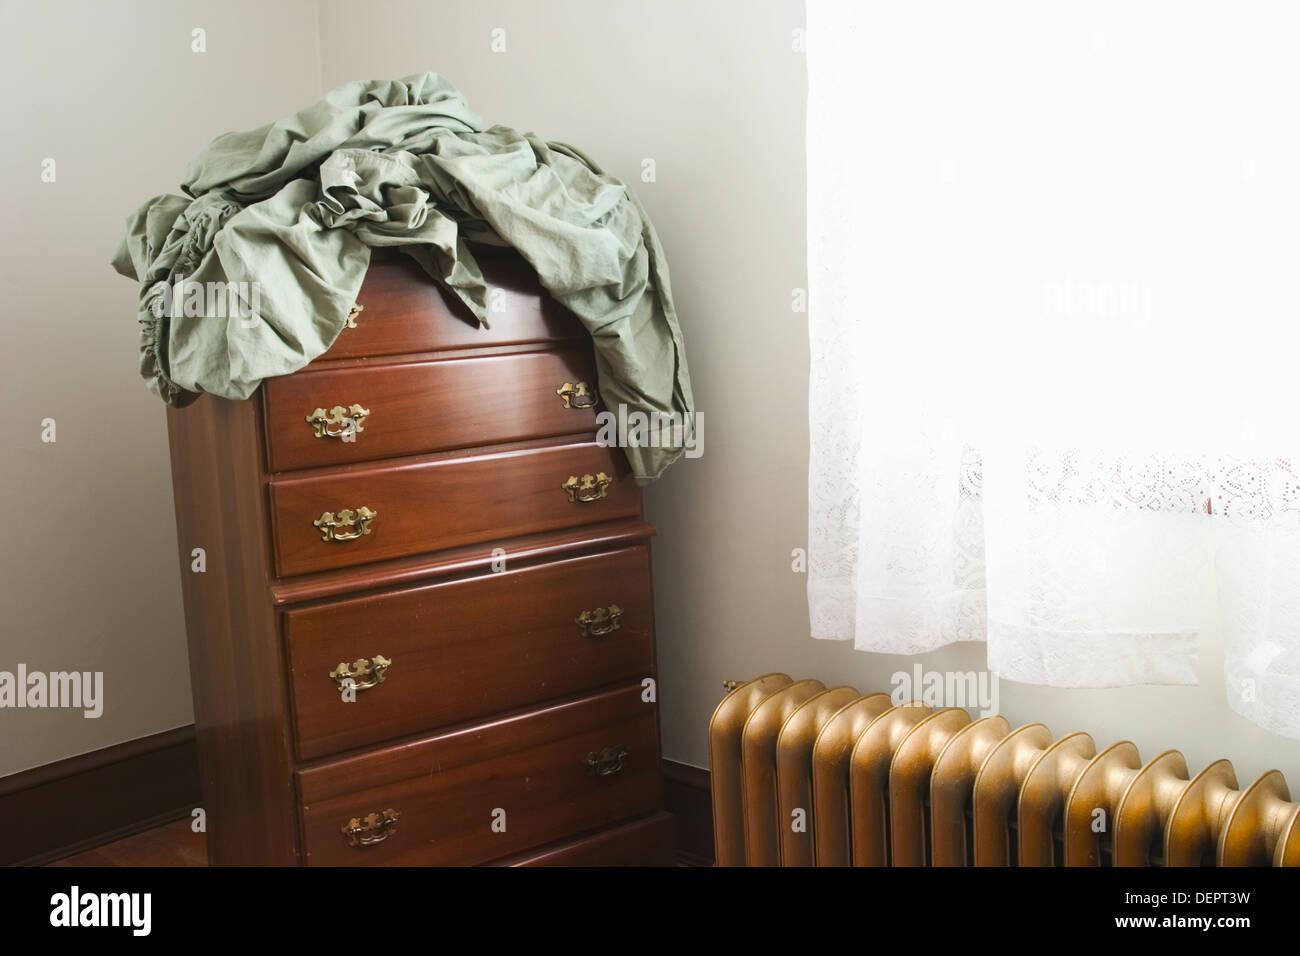 Bettwäsche-Einstellung am Anfang eines Büros, die neben ein Fenster und ein Gold - farbiges Eisen Heizkörper Stockbild